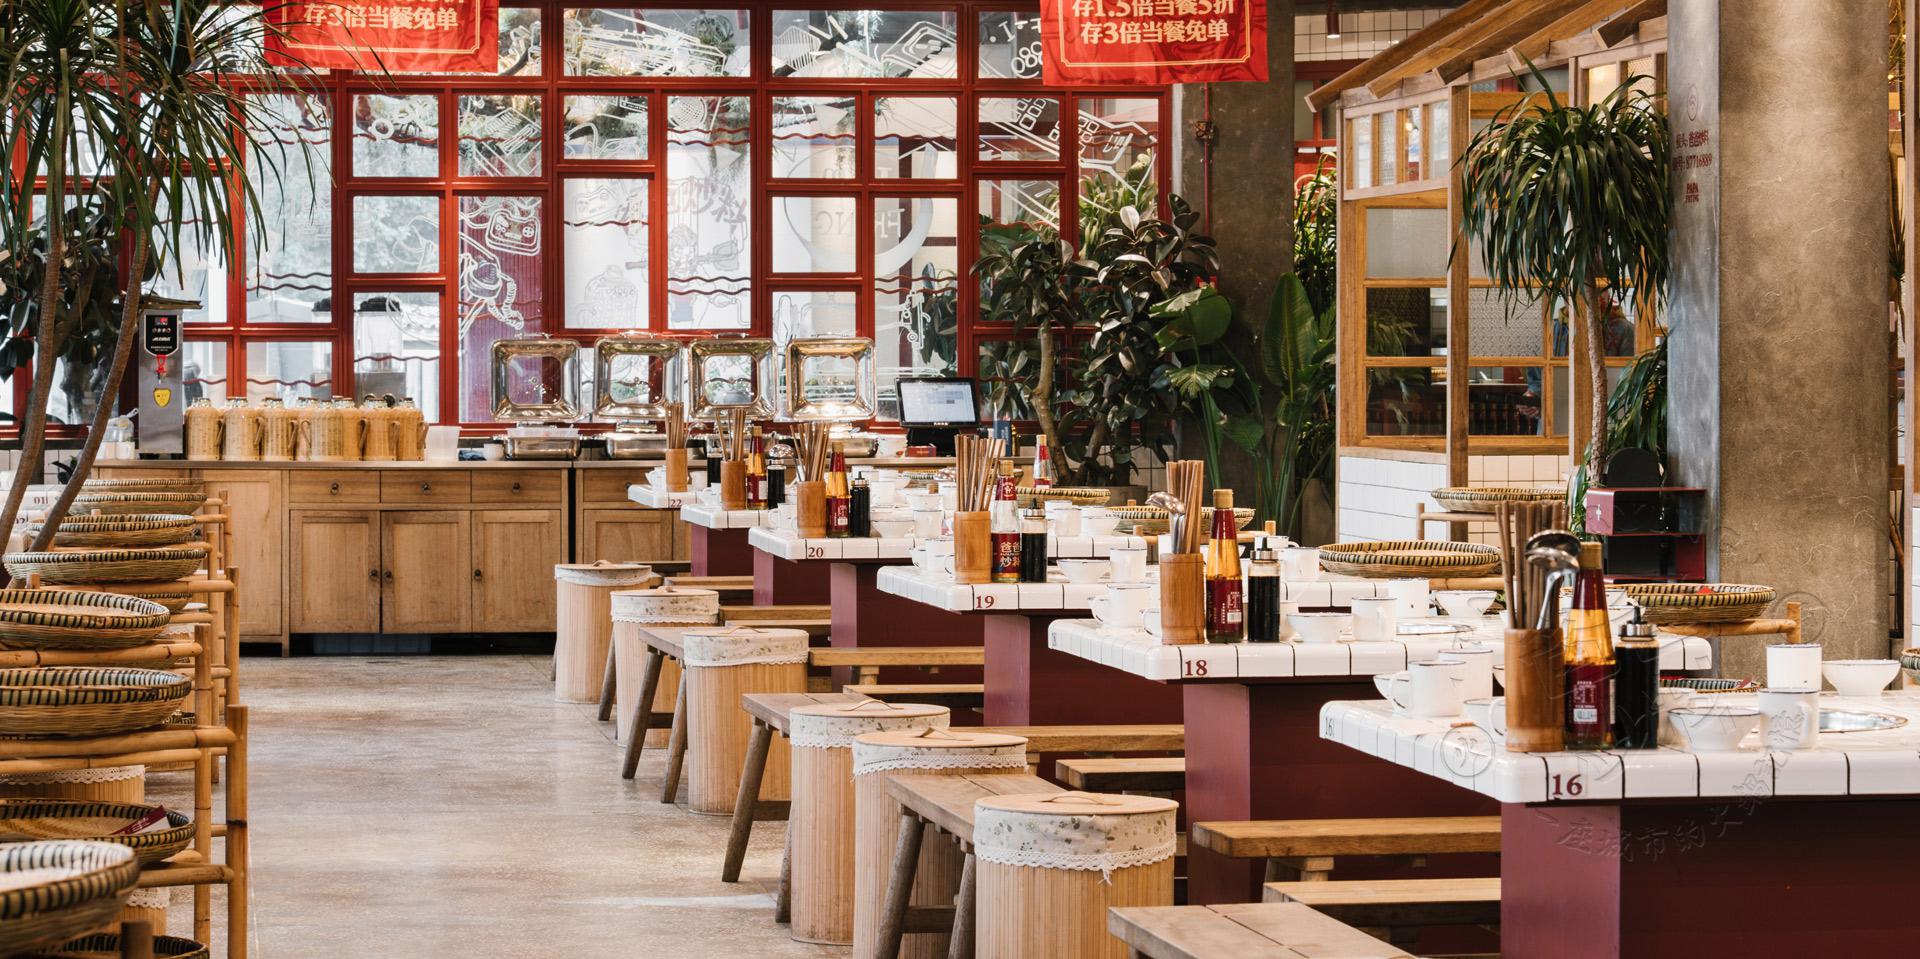 四川加盟火锅店需要掌握的促销技巧